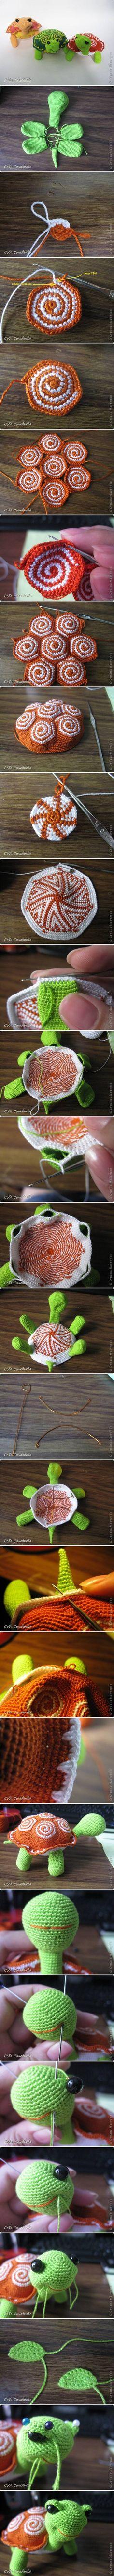 DIY Little Crochet Turtle